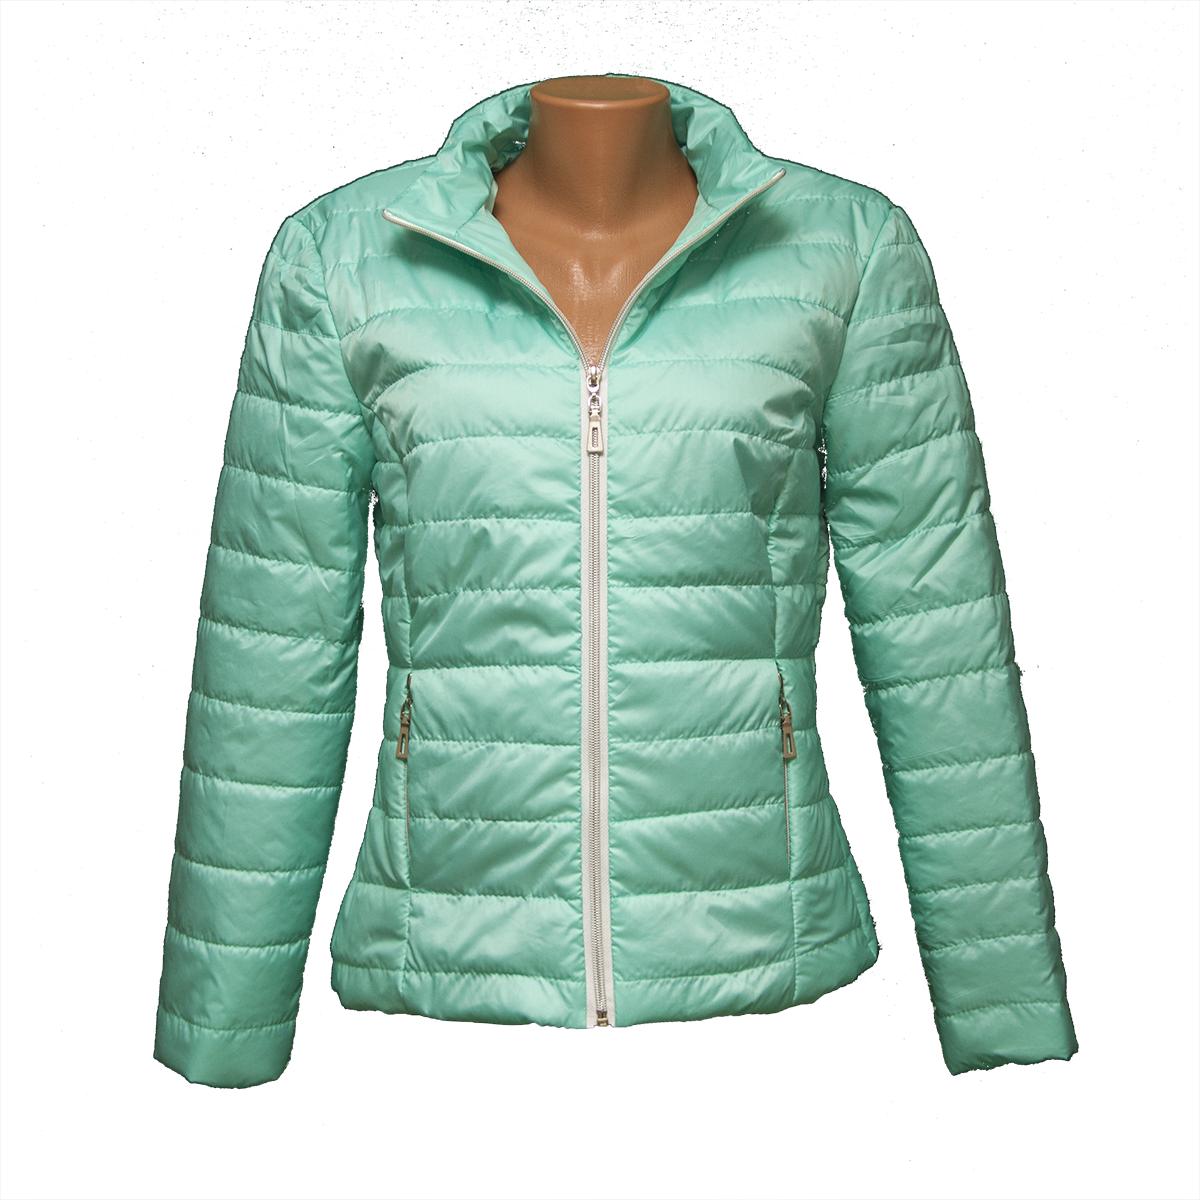 1cbaef321f00 Женская демисезонная куртка интернет магазин KD1377-8 оптом и в ...